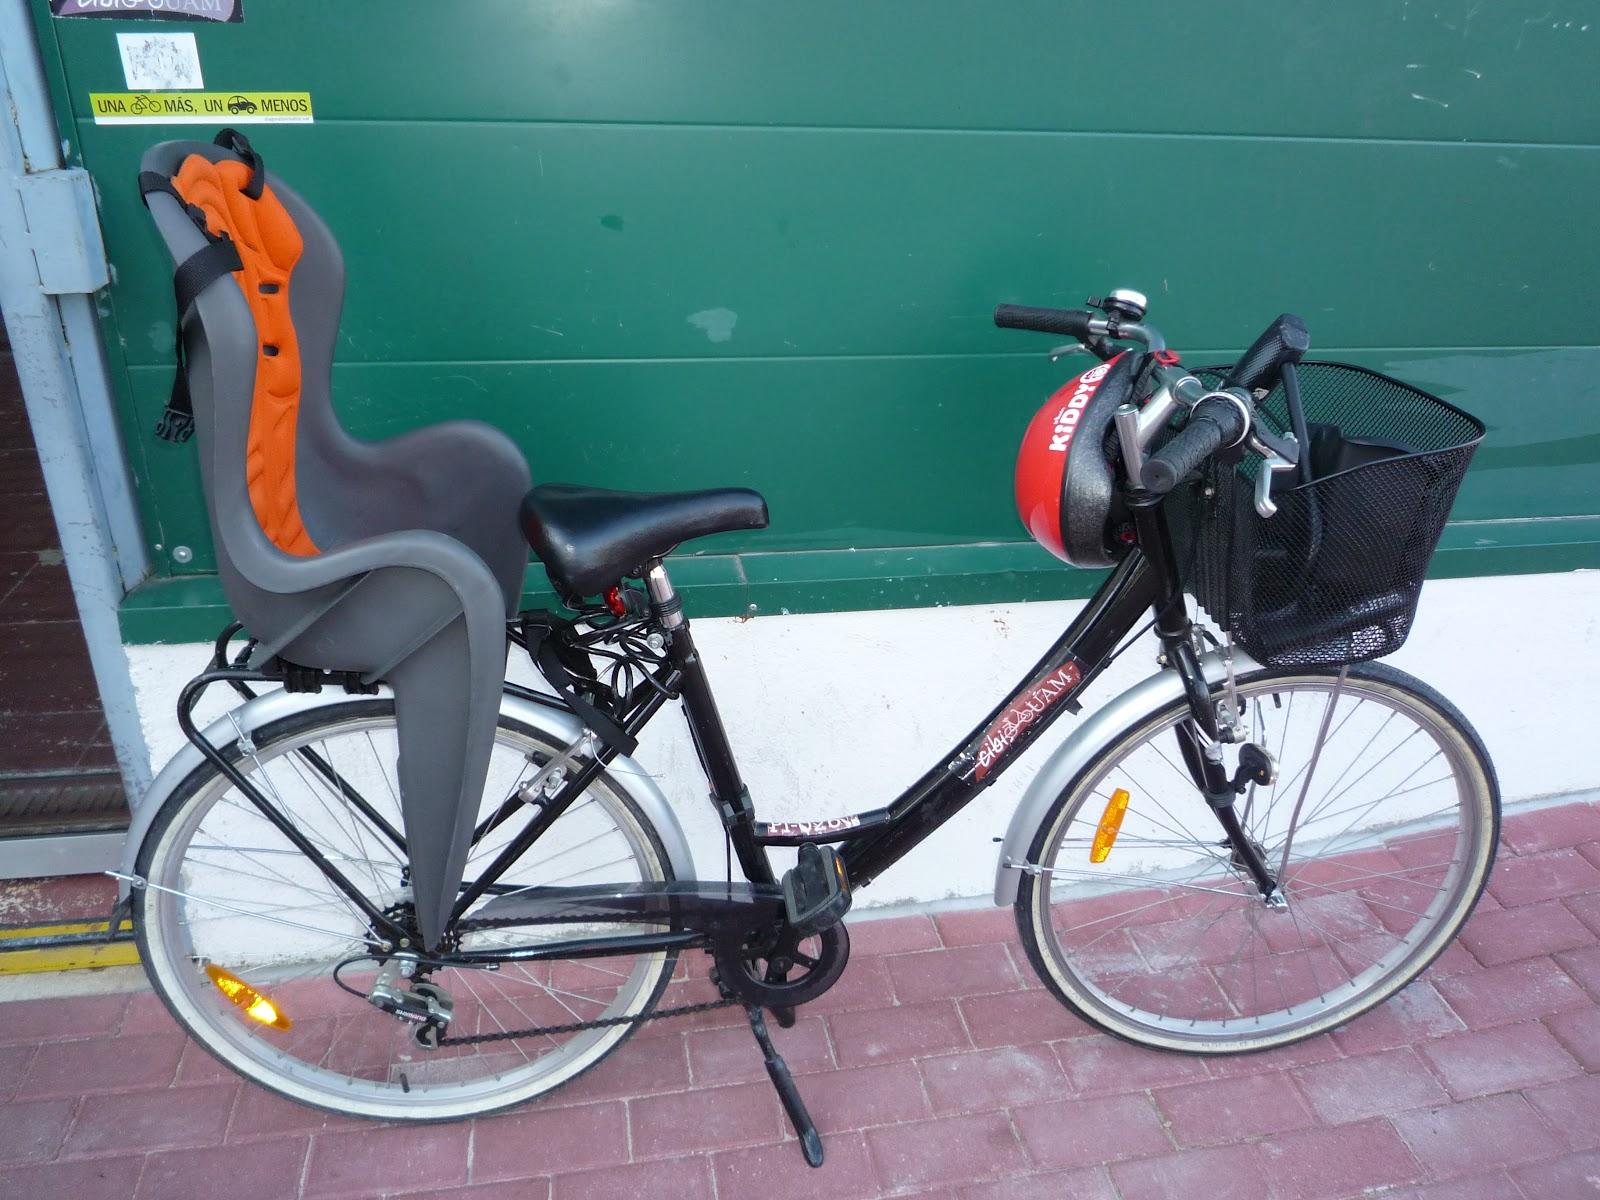 CibiUAM Bicicletas de prstamo con silla para nios y nias